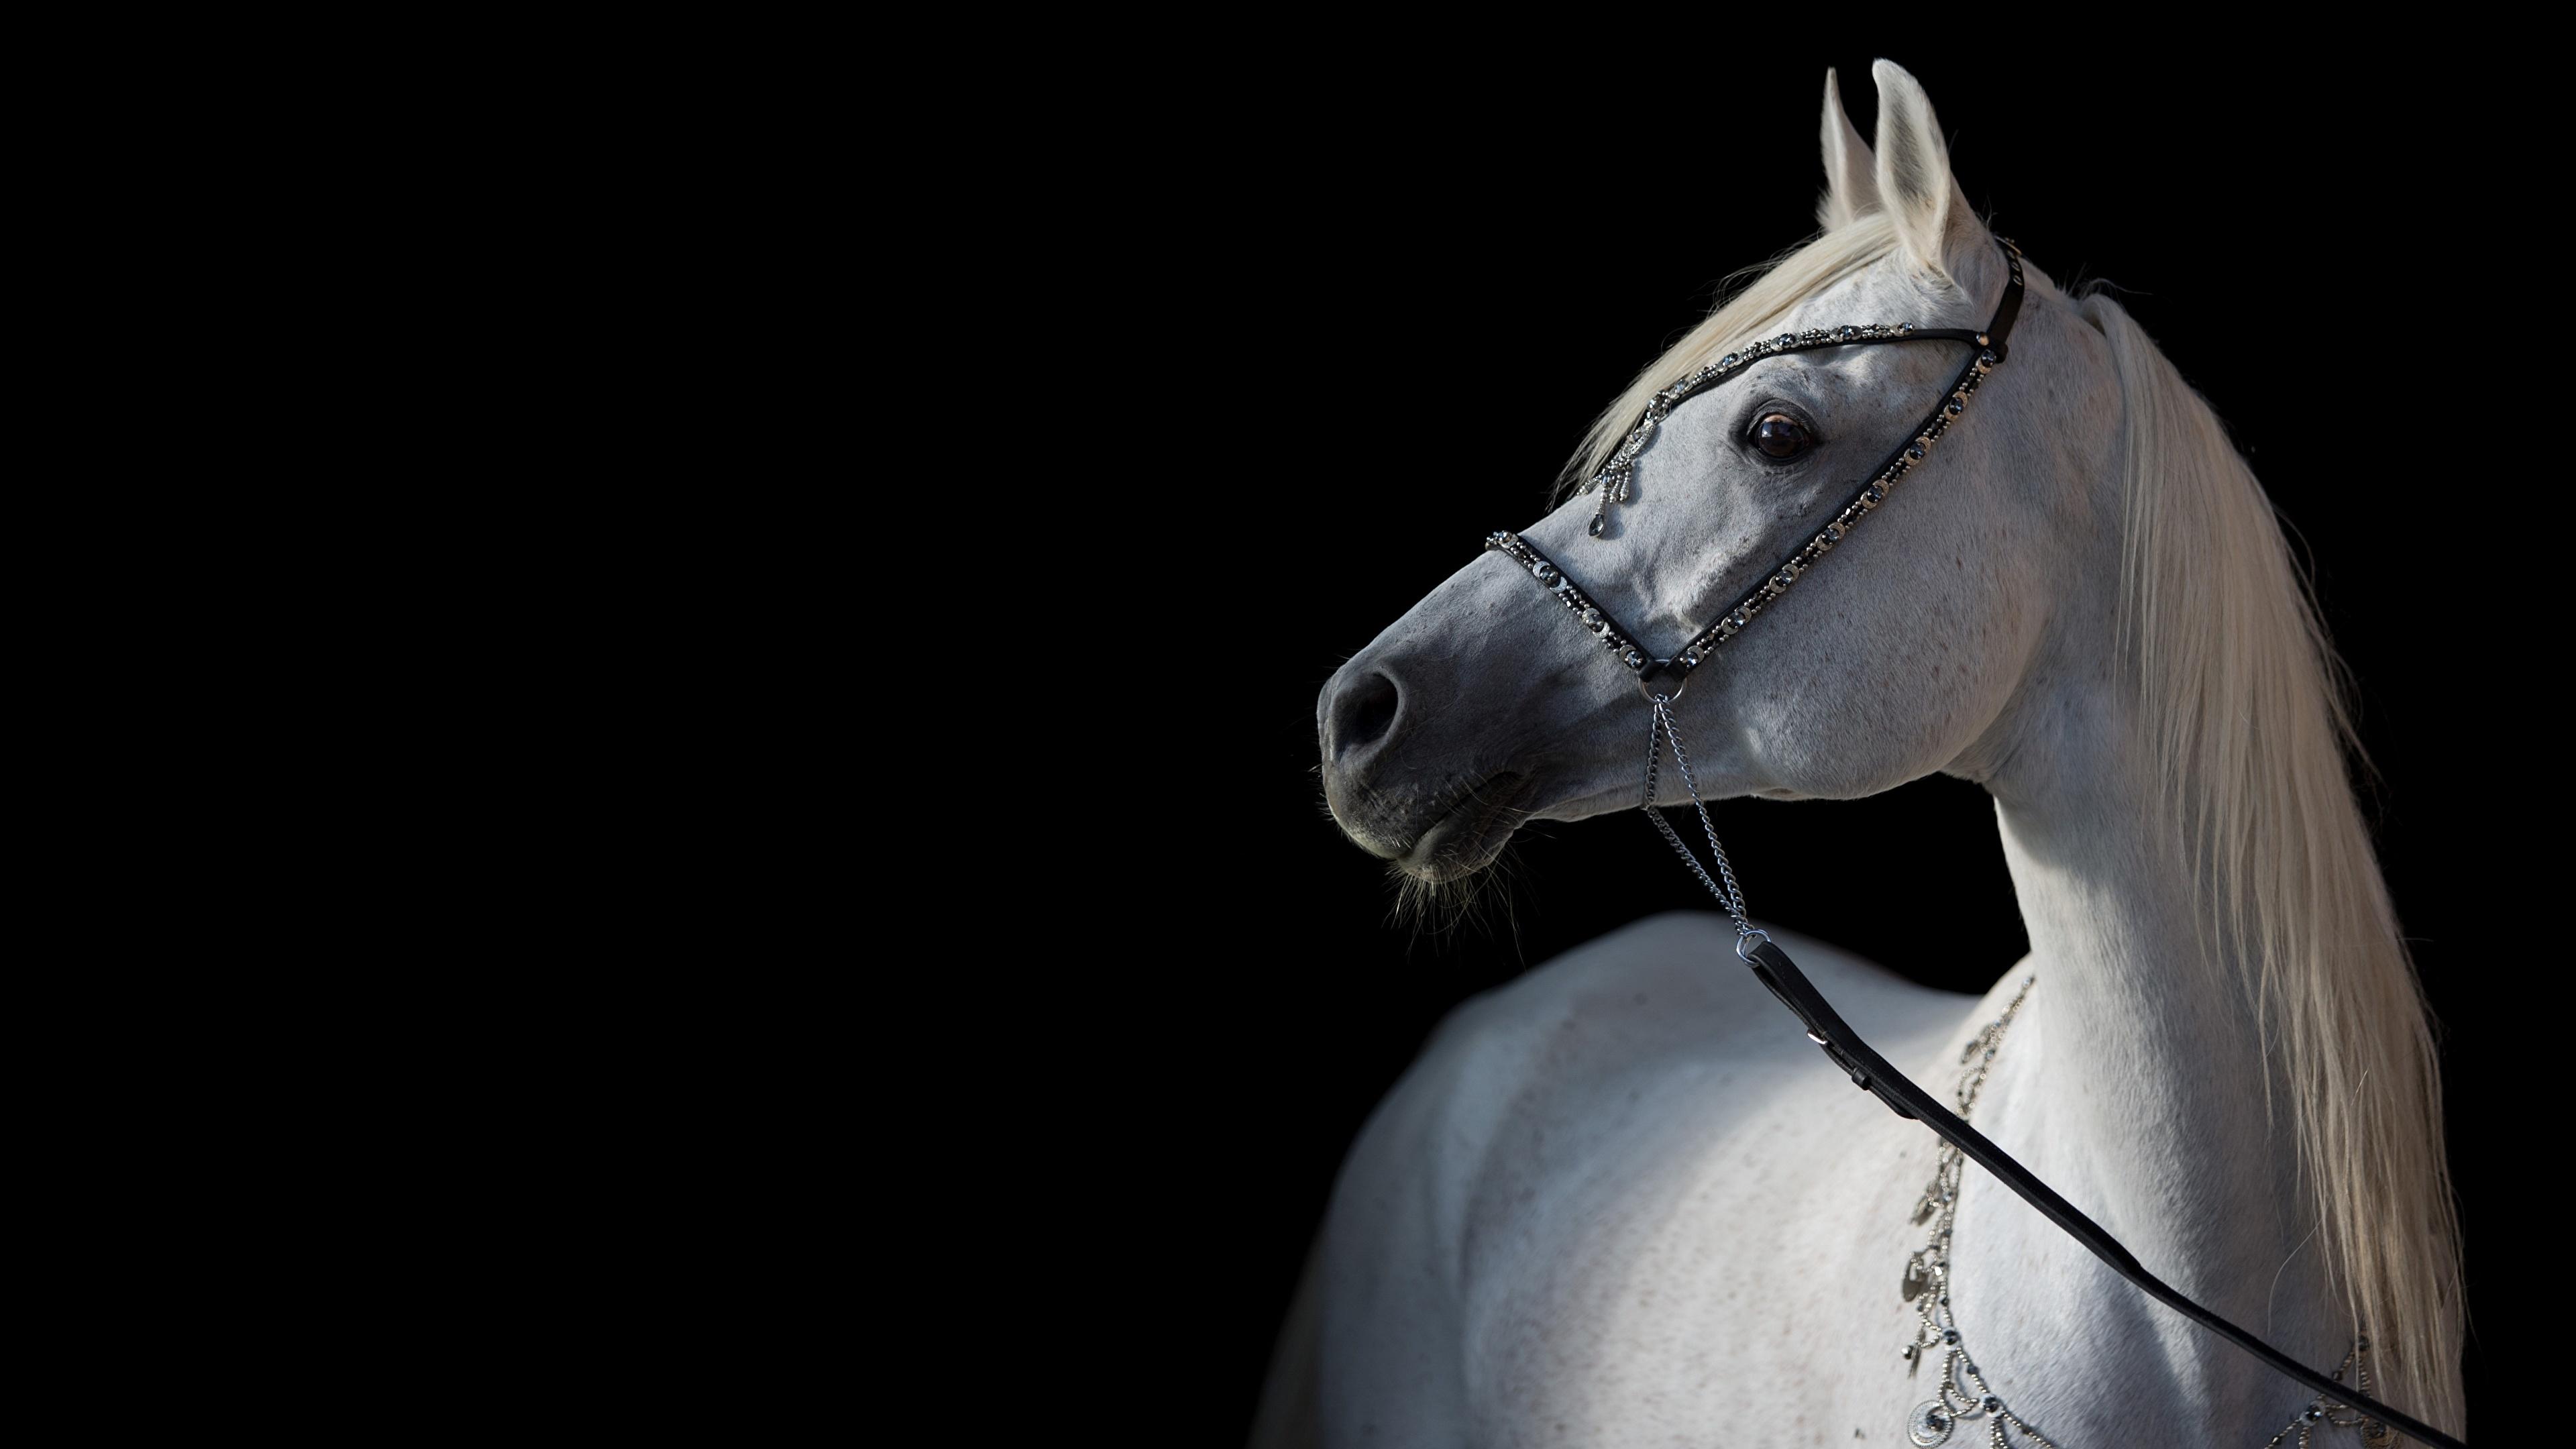 Photos Horses Arabian White Animal Black Background 3840x2160